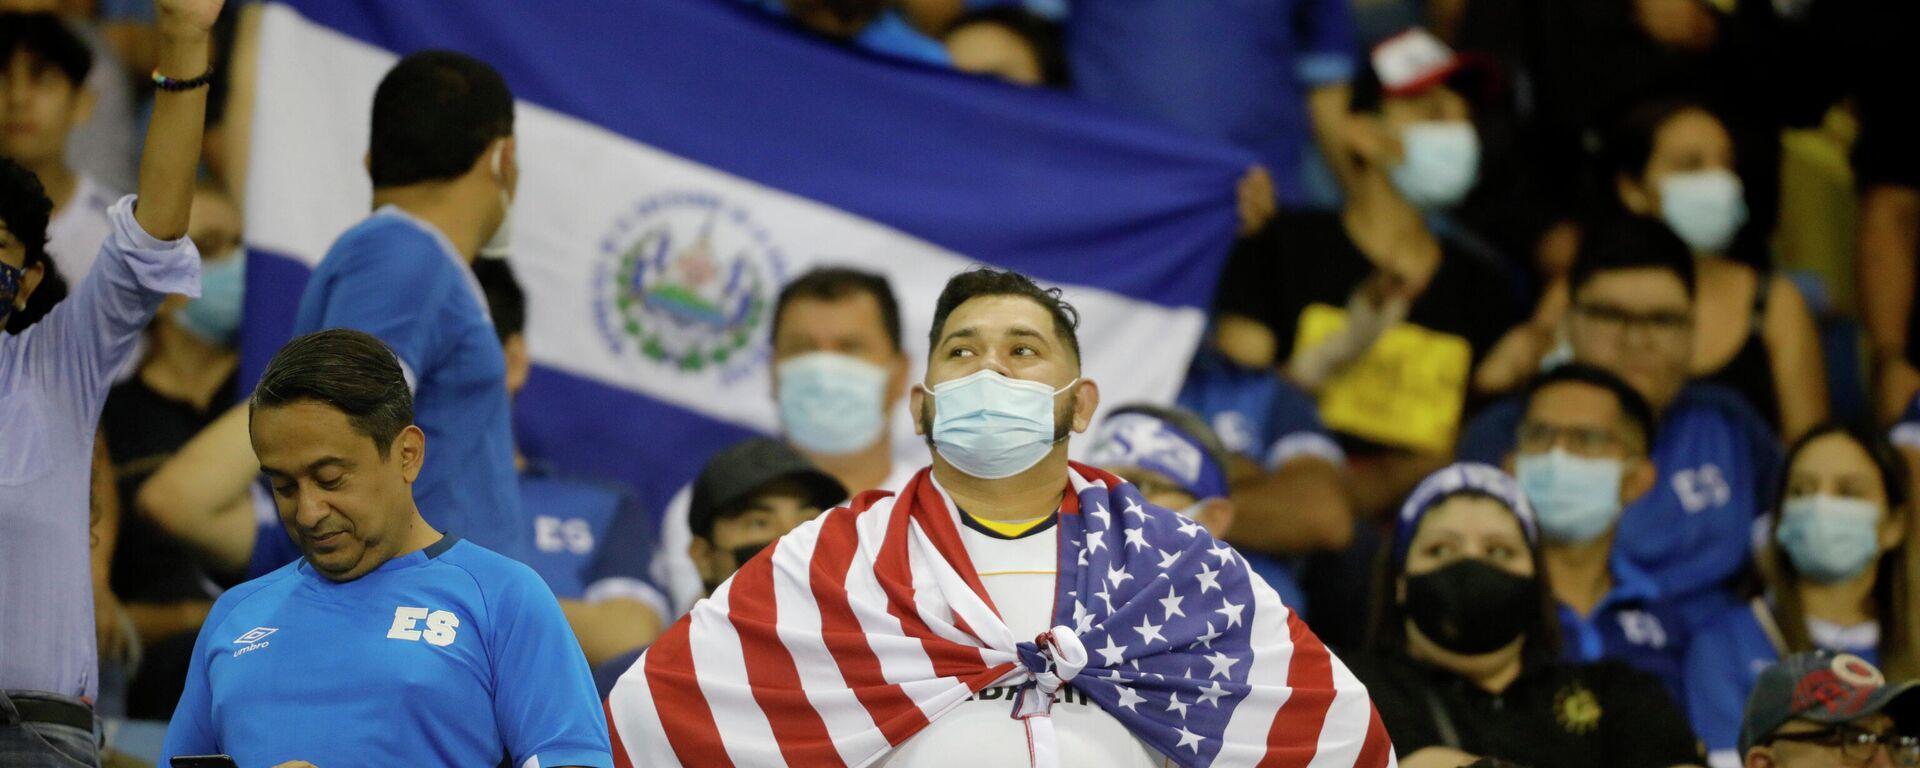 Aficionados de El Salvador y EEUU en el estadio Cuscatlán - Sputnik Mundo, 1920, 24.09.2021